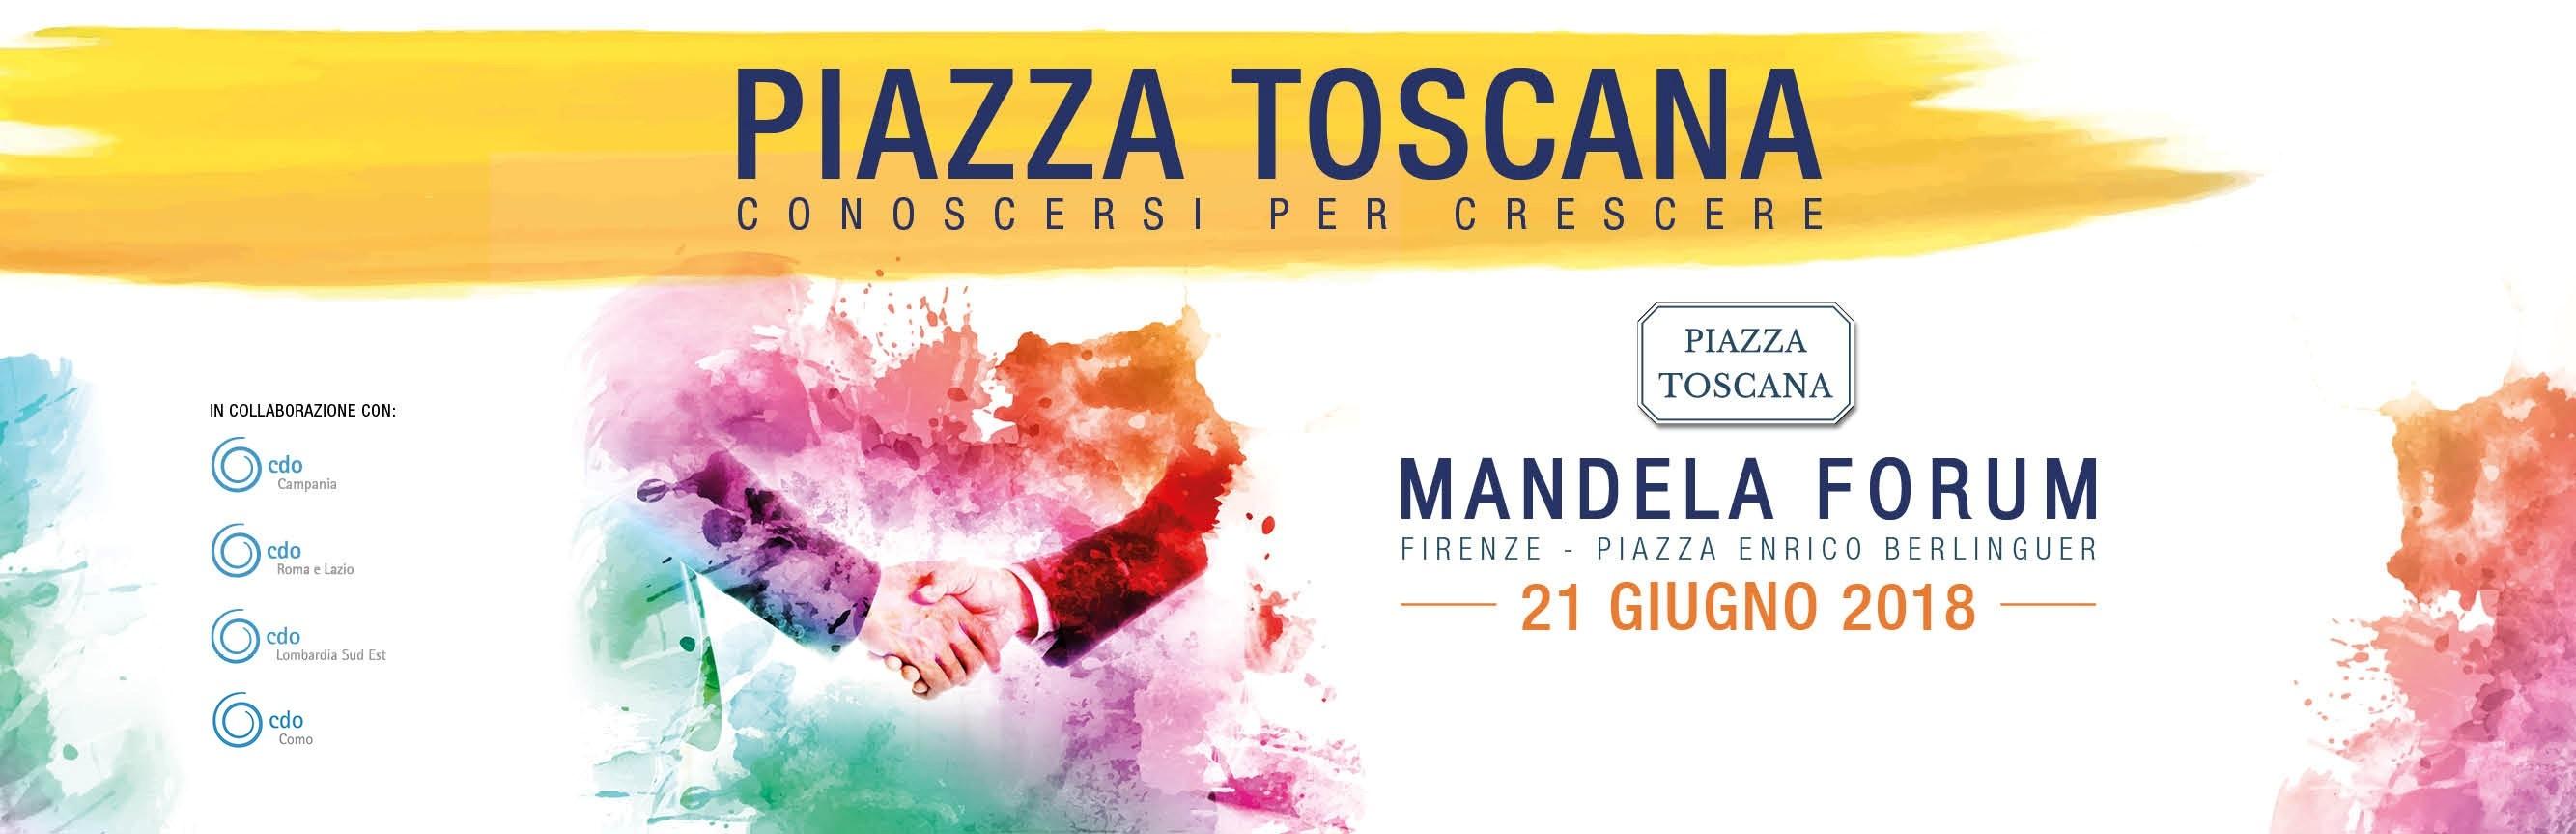 21 Giugno h 12:00 Workshop Open innovation per PMI con Intesa SanPaolo a Piazza Toscana